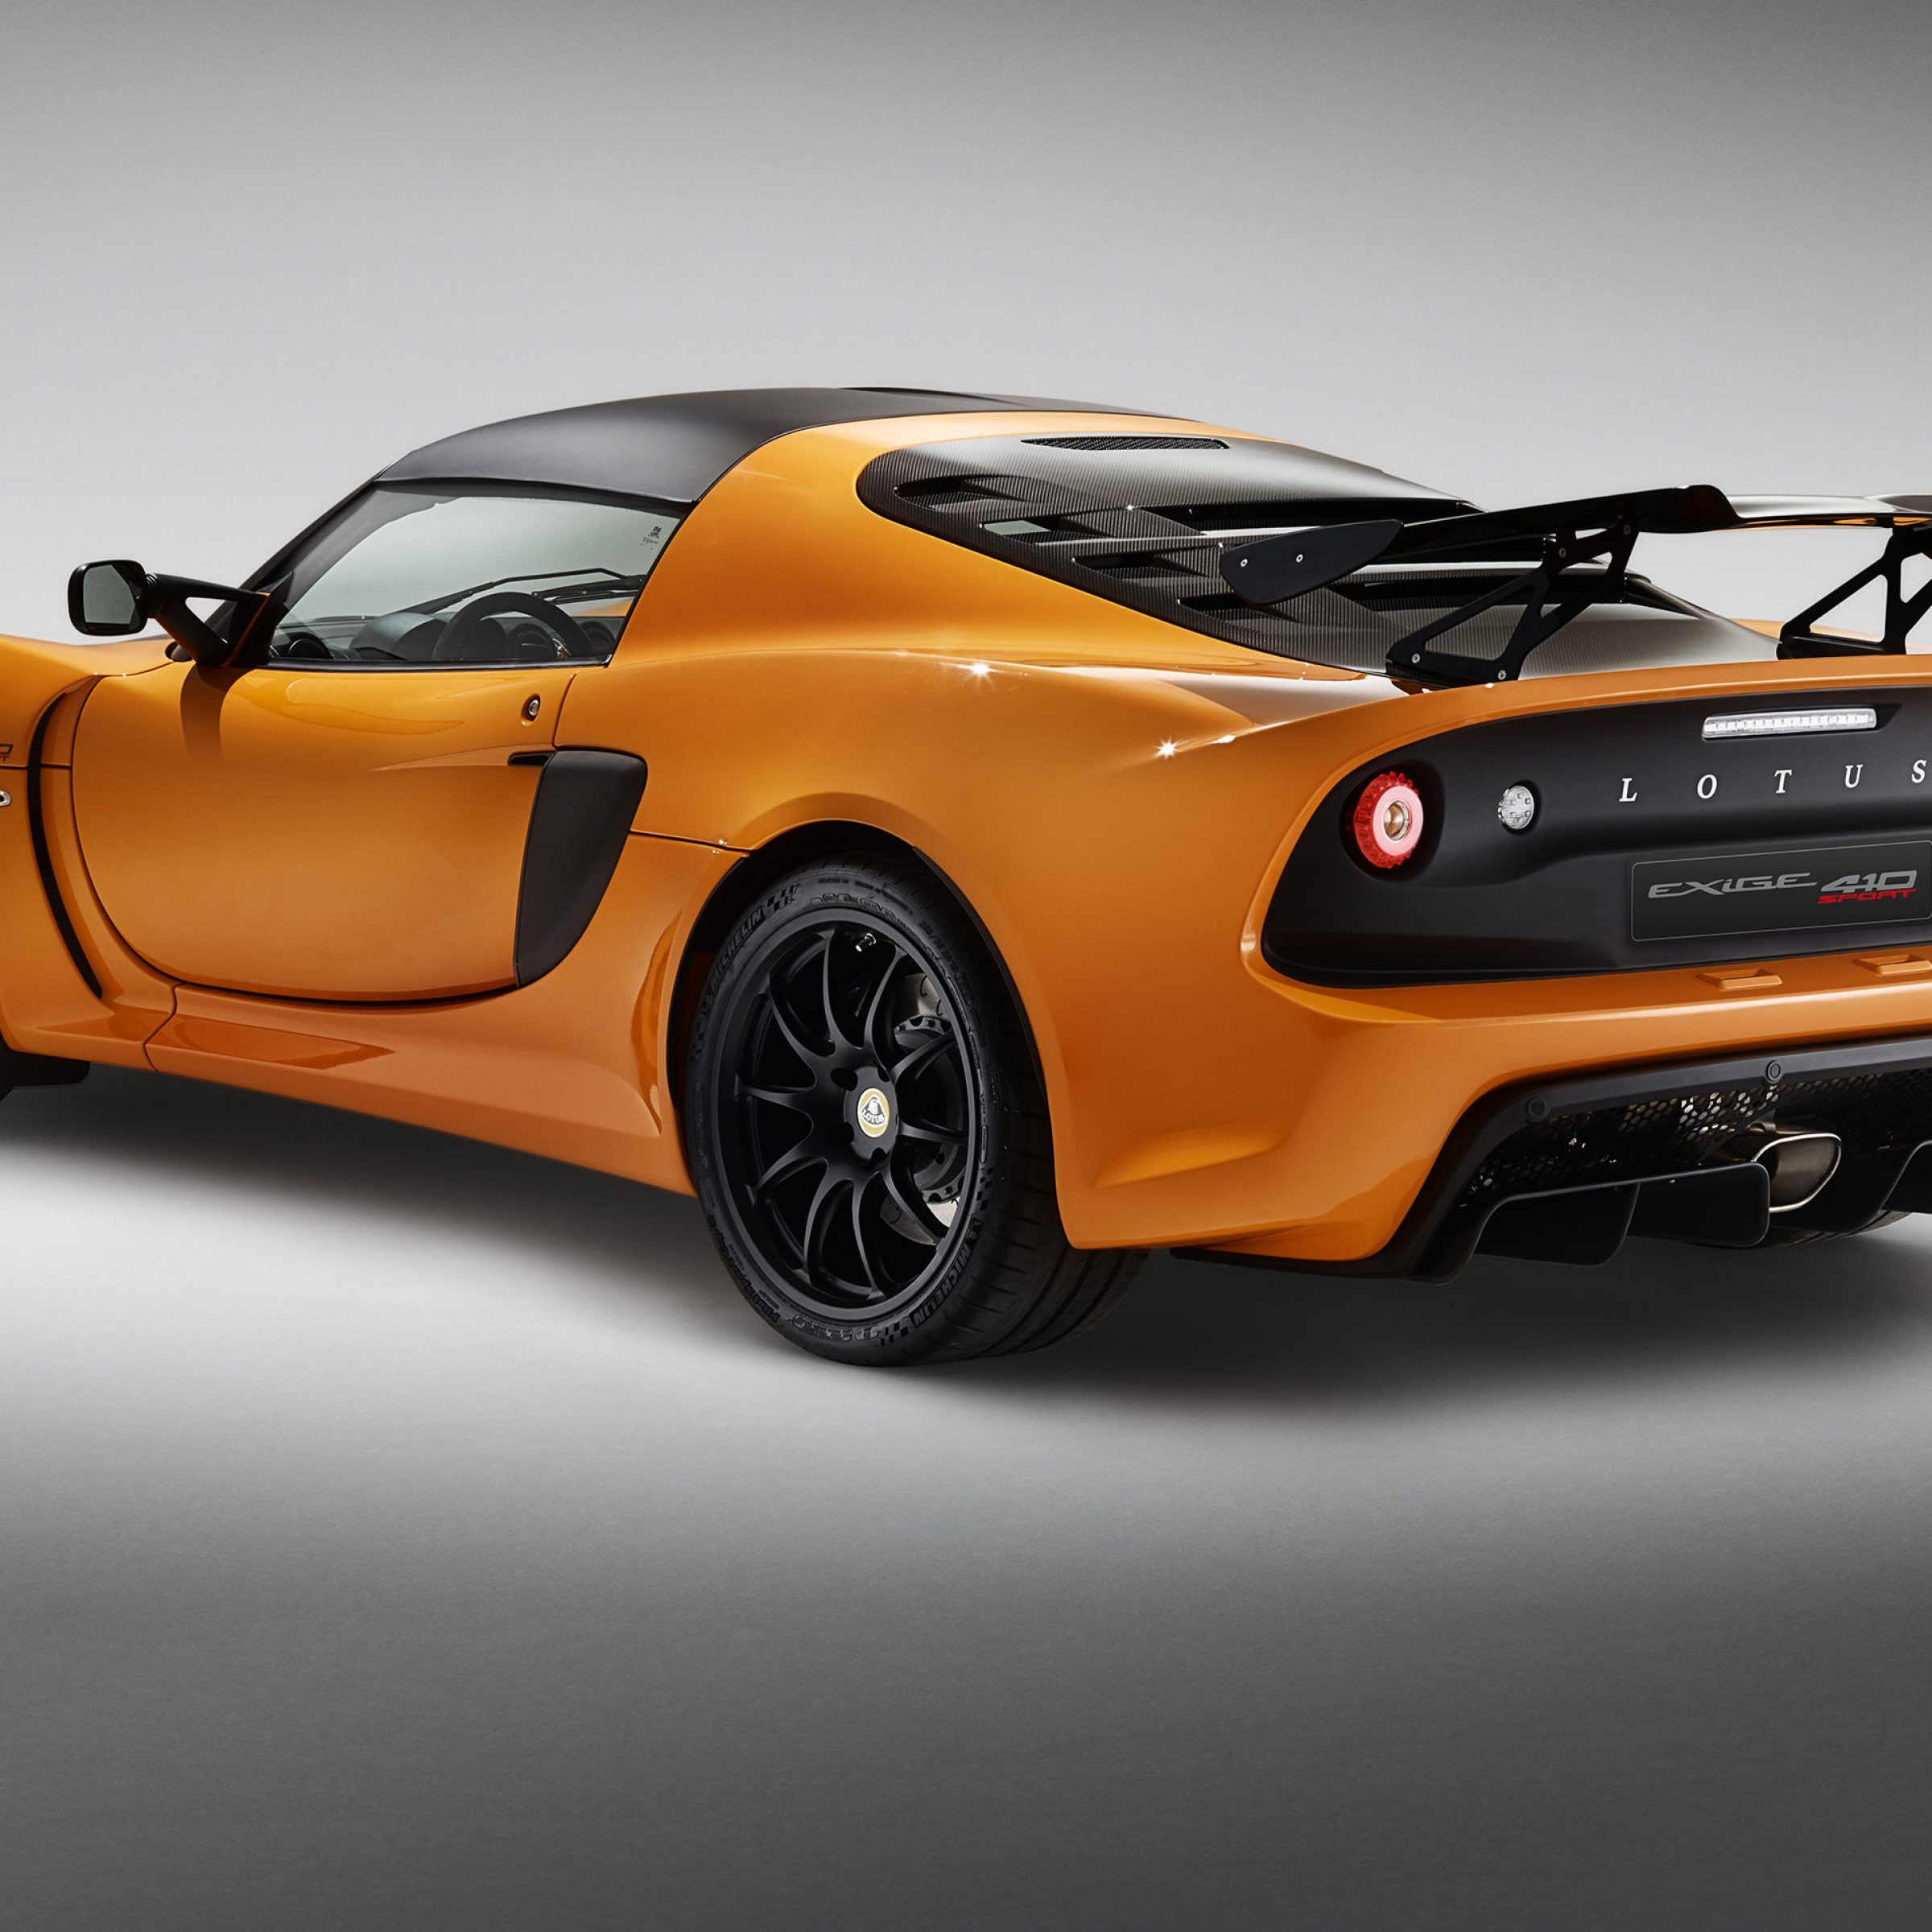 Lotus Exige: The Exige Sport 410